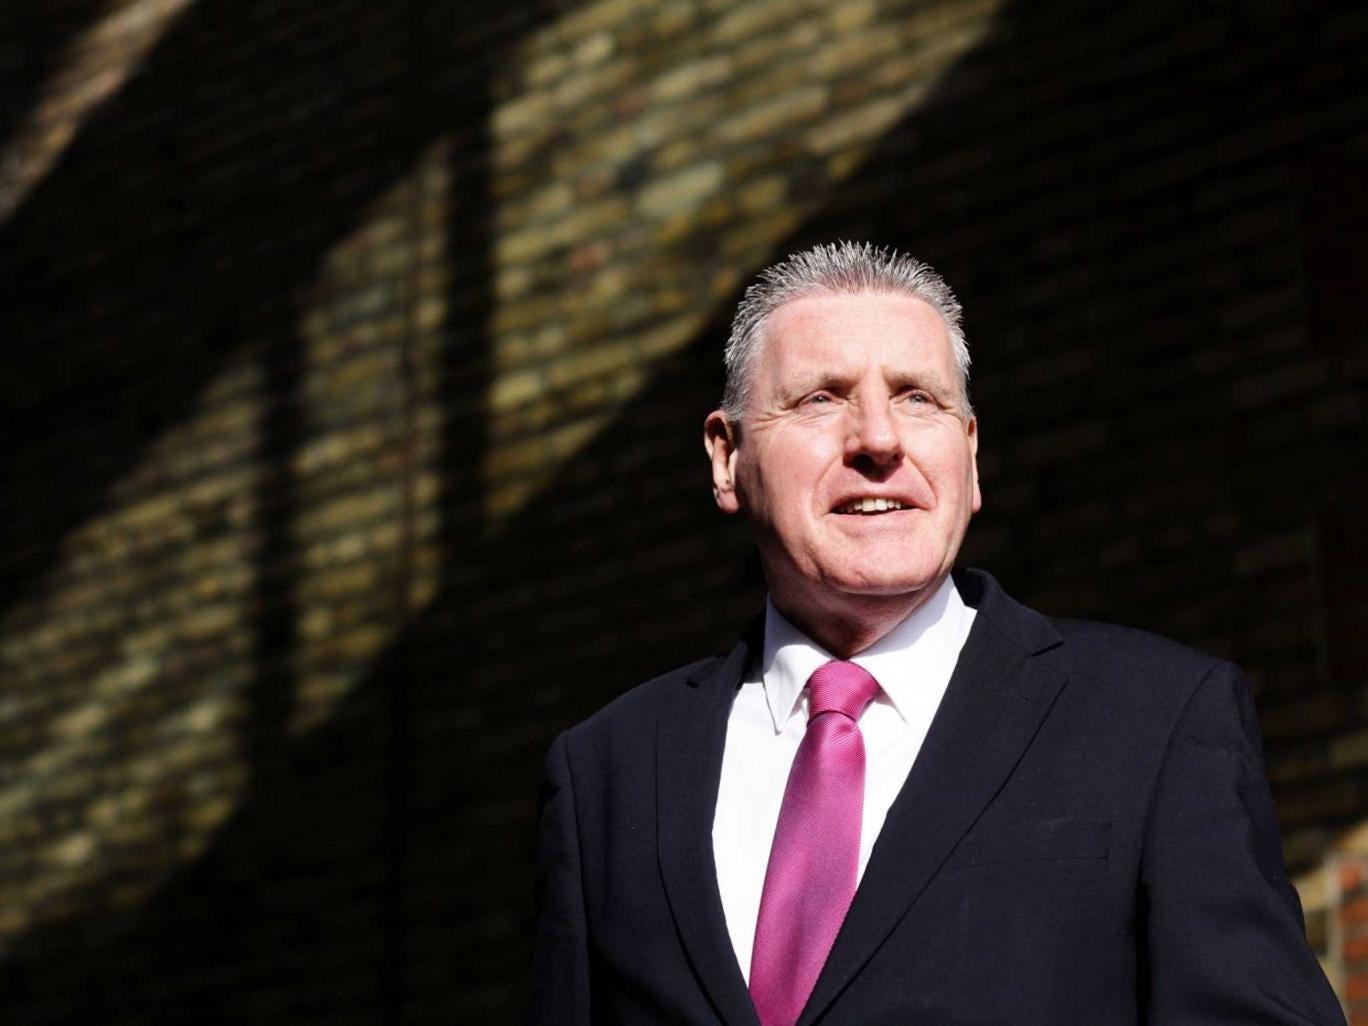 Labour's defence spokesman Vernon Coaker wants to stir public debate